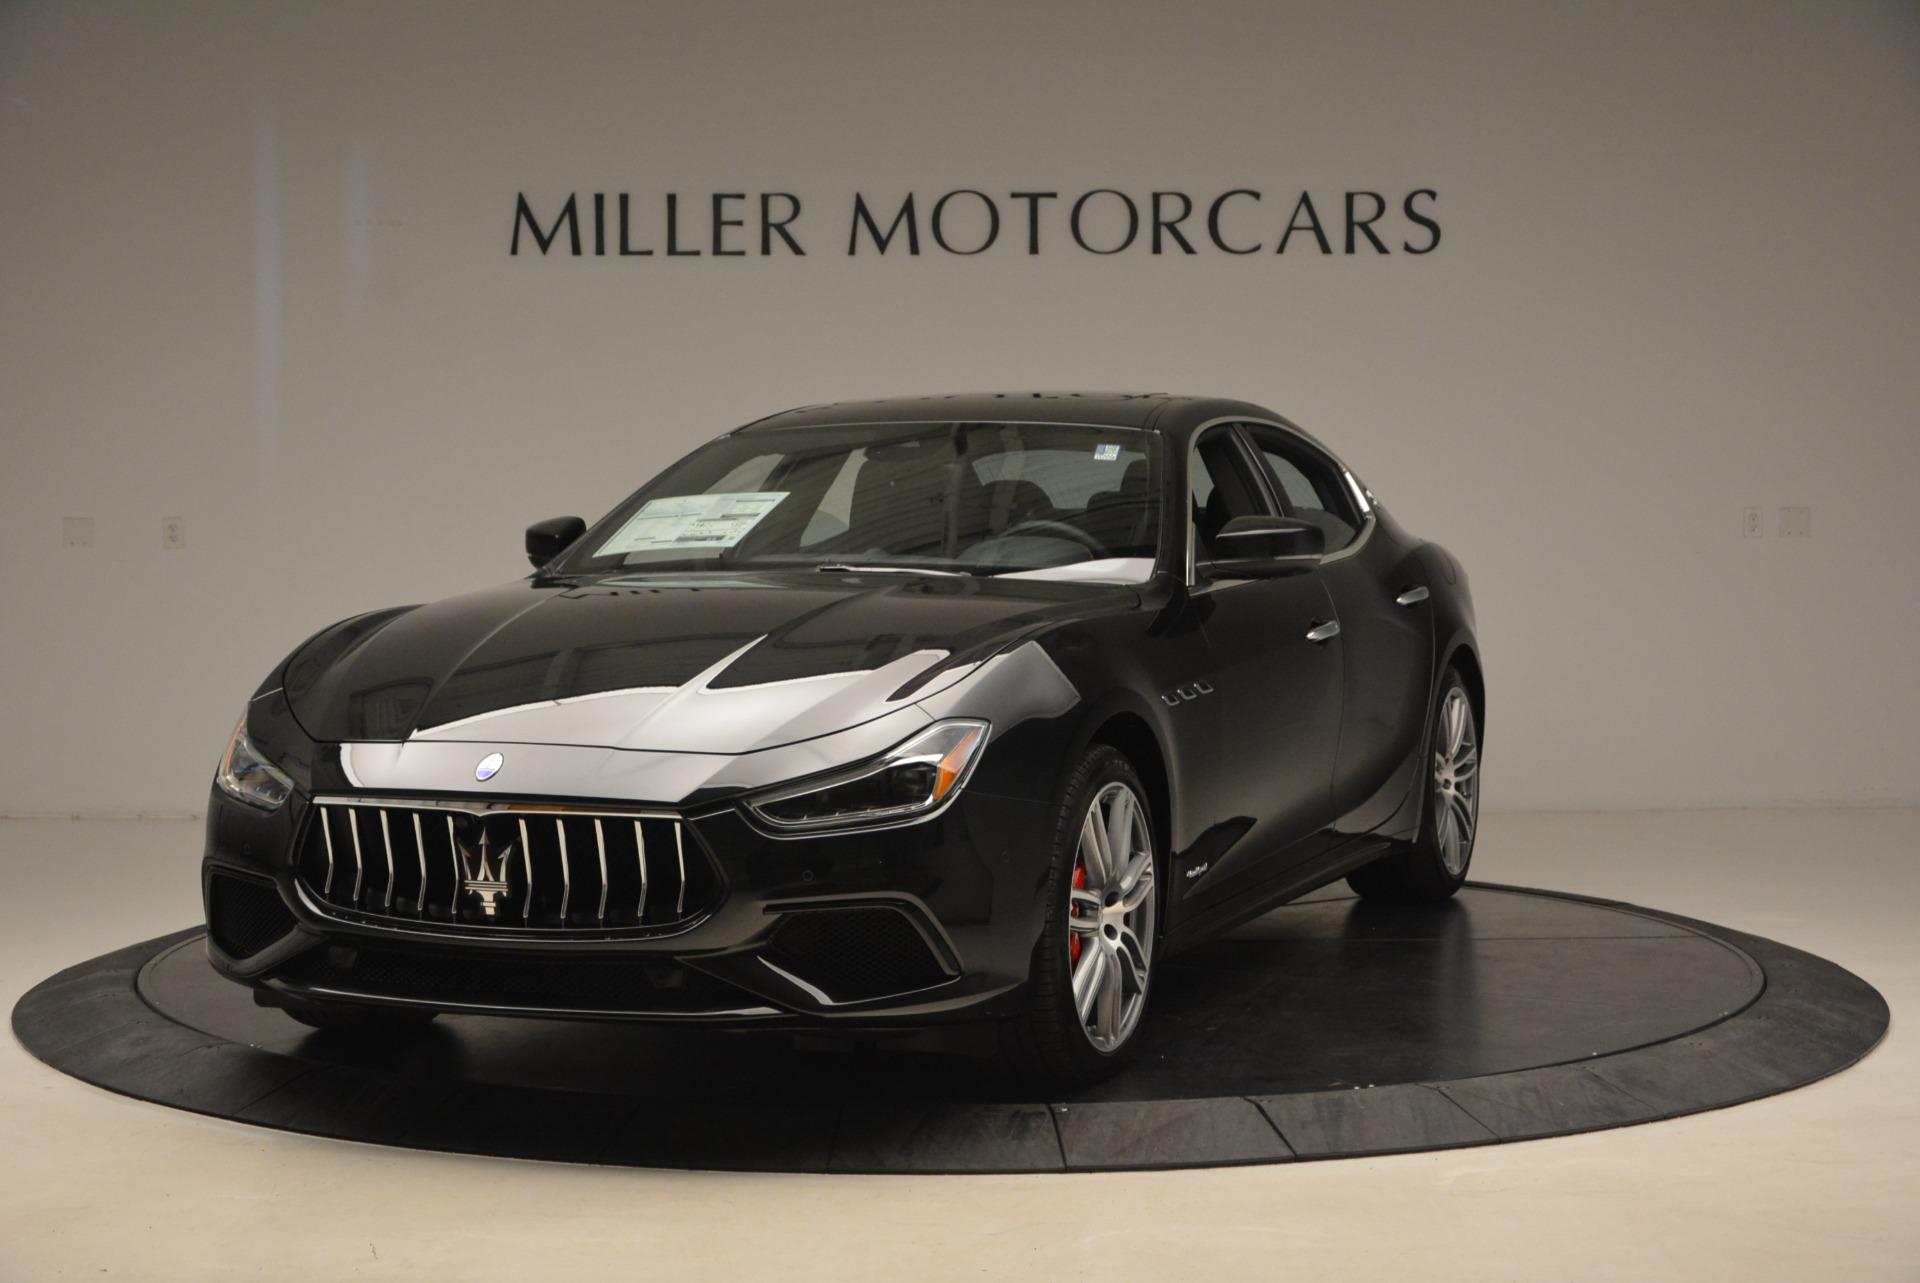 New-2018-Maserati-Ghibli-S-Q4-GranSport